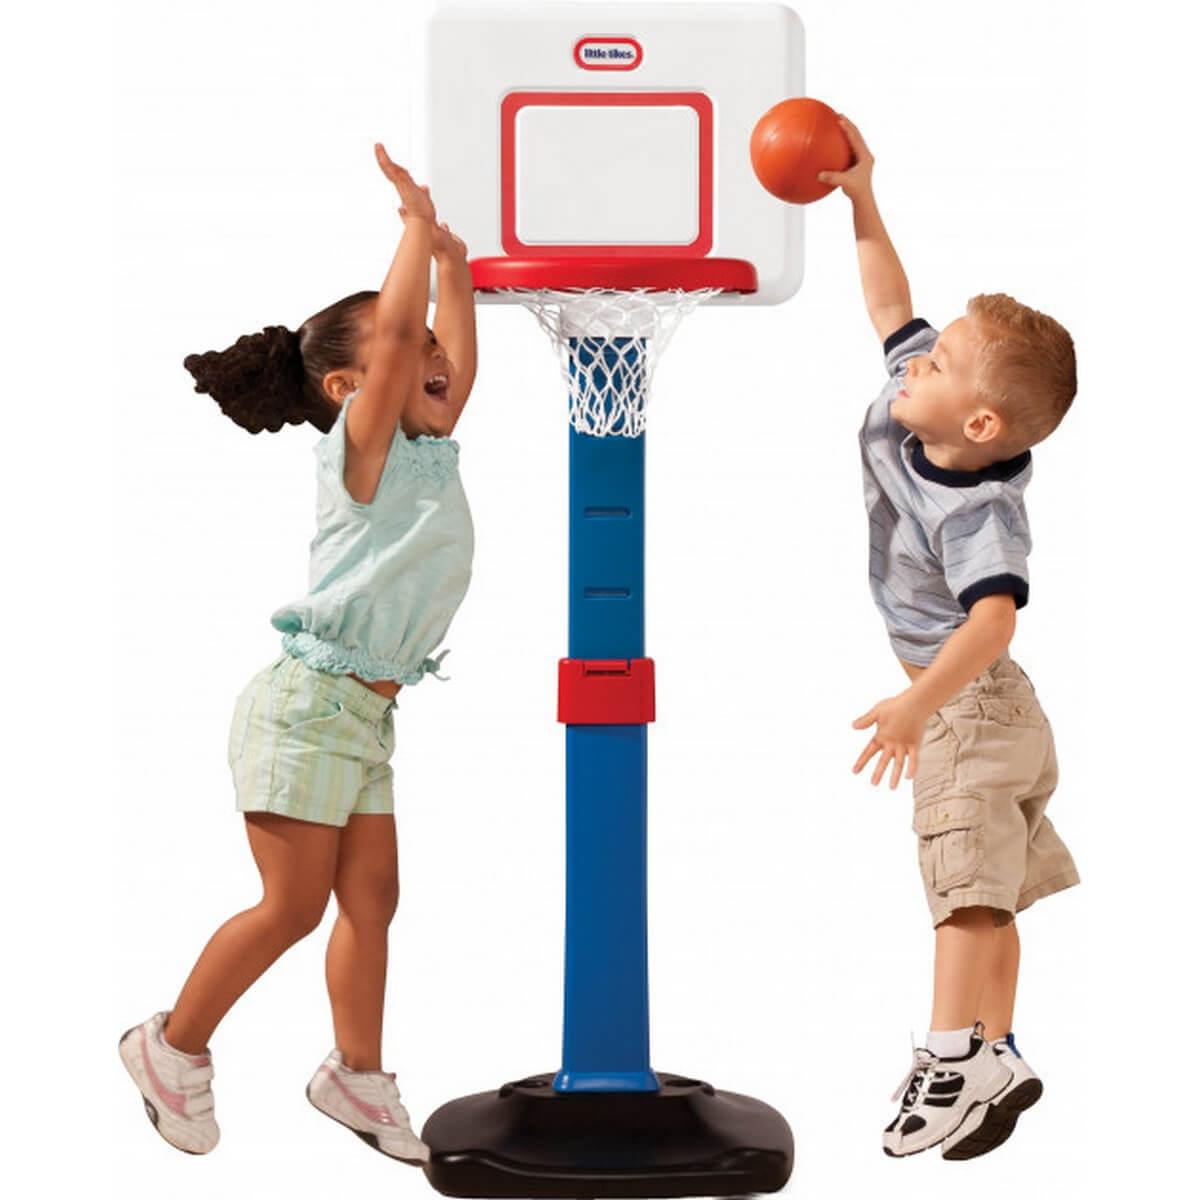 cc5d0ebe Игровой набор Little Tikes «Баскетбол» 620836E3 купить в Украине ...